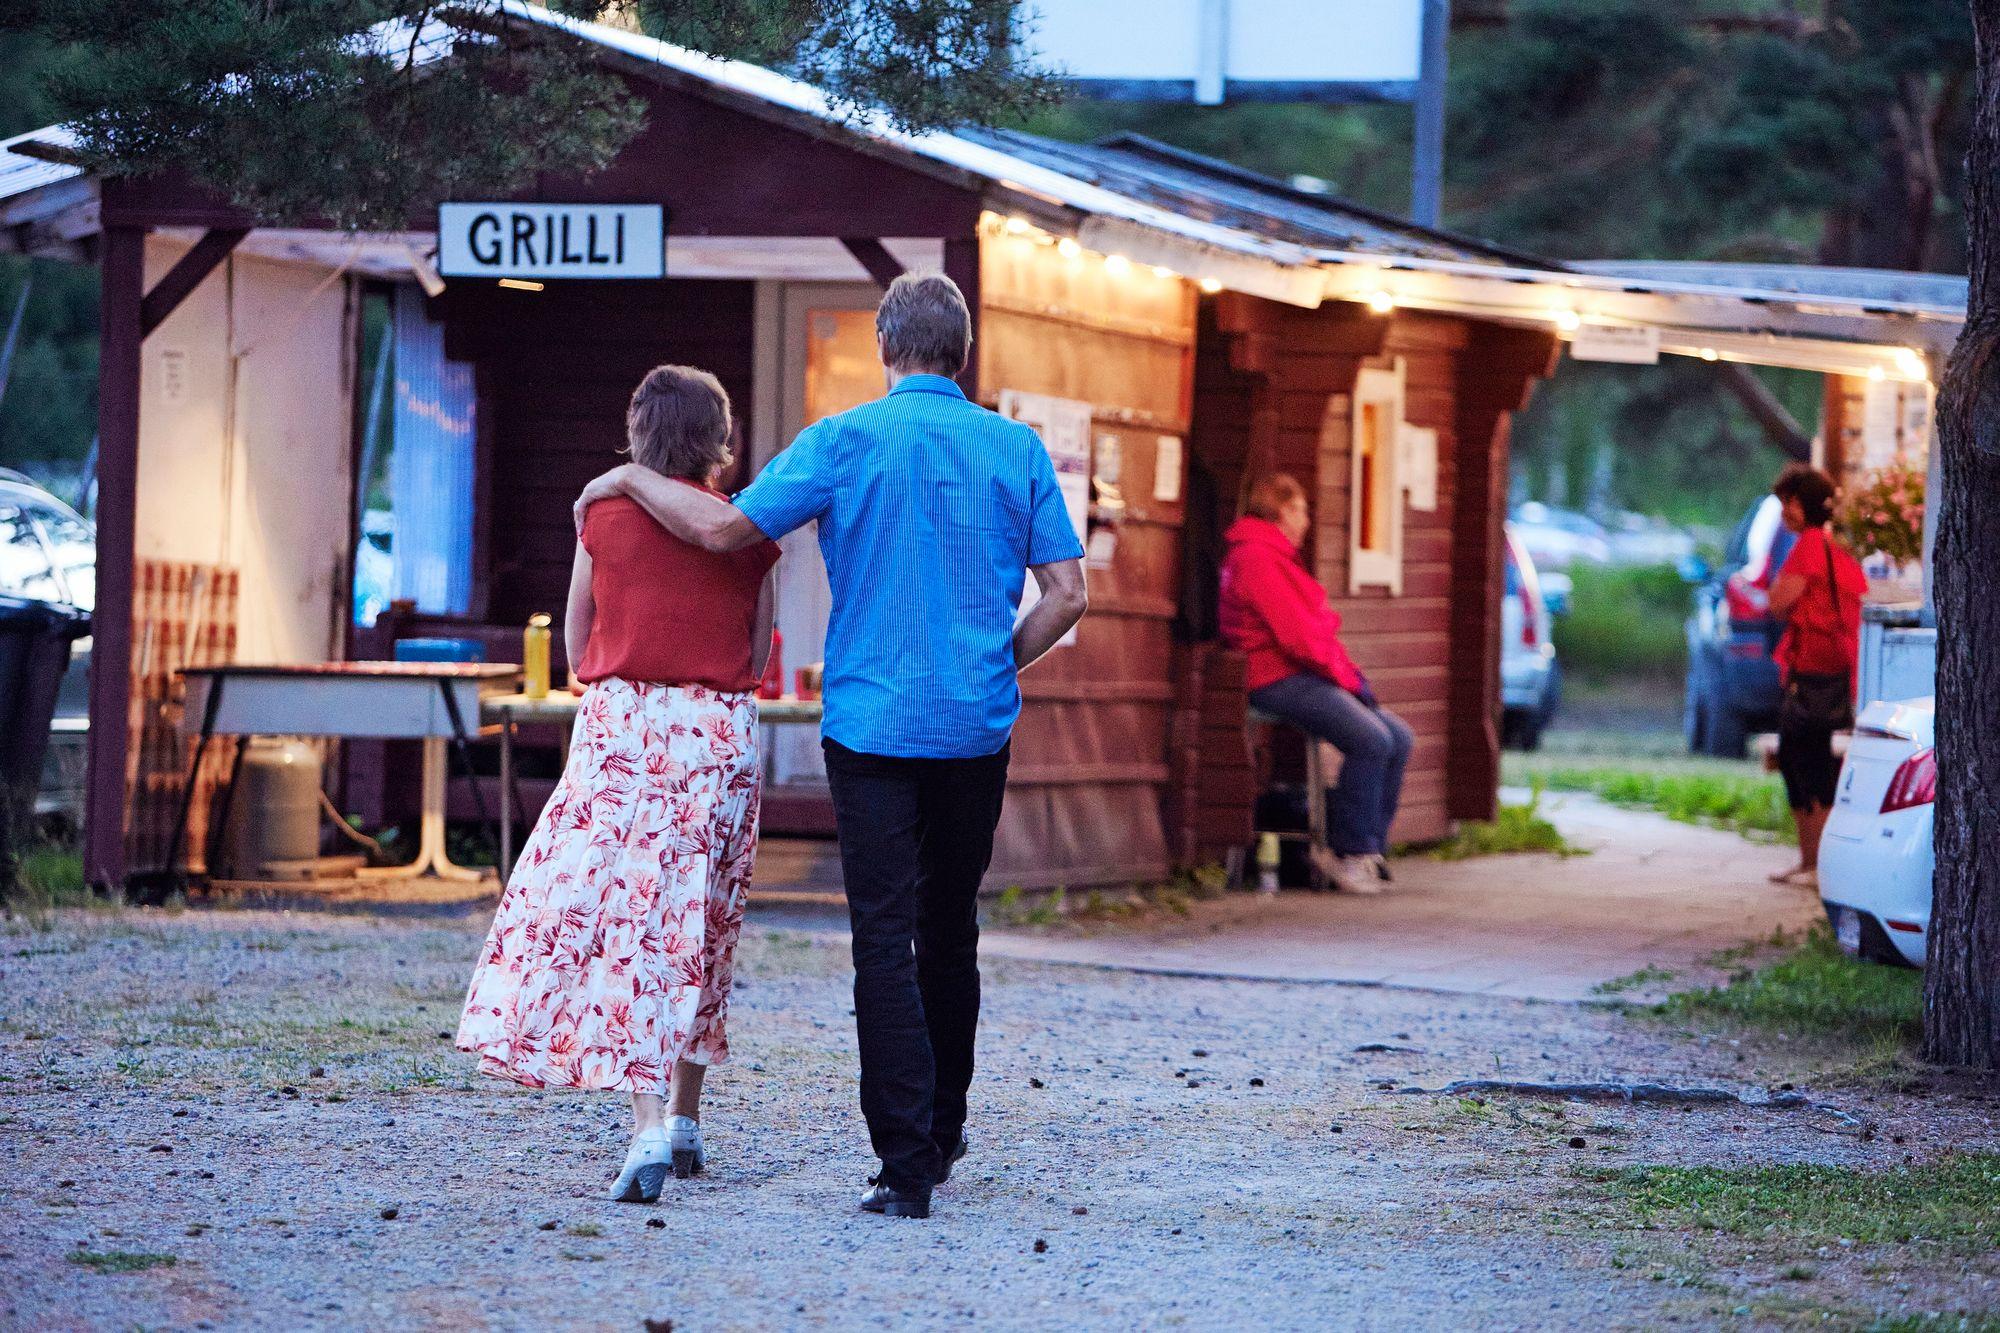 Viileä kesäilta kutsuu huilaamaan. Heinäkuussa pitkä helleputki koetteli tanssilavoja, kun kuumalla säällä ihmiset eivät jaksaneet tulla tanssimaan. © Sara Pihlaja